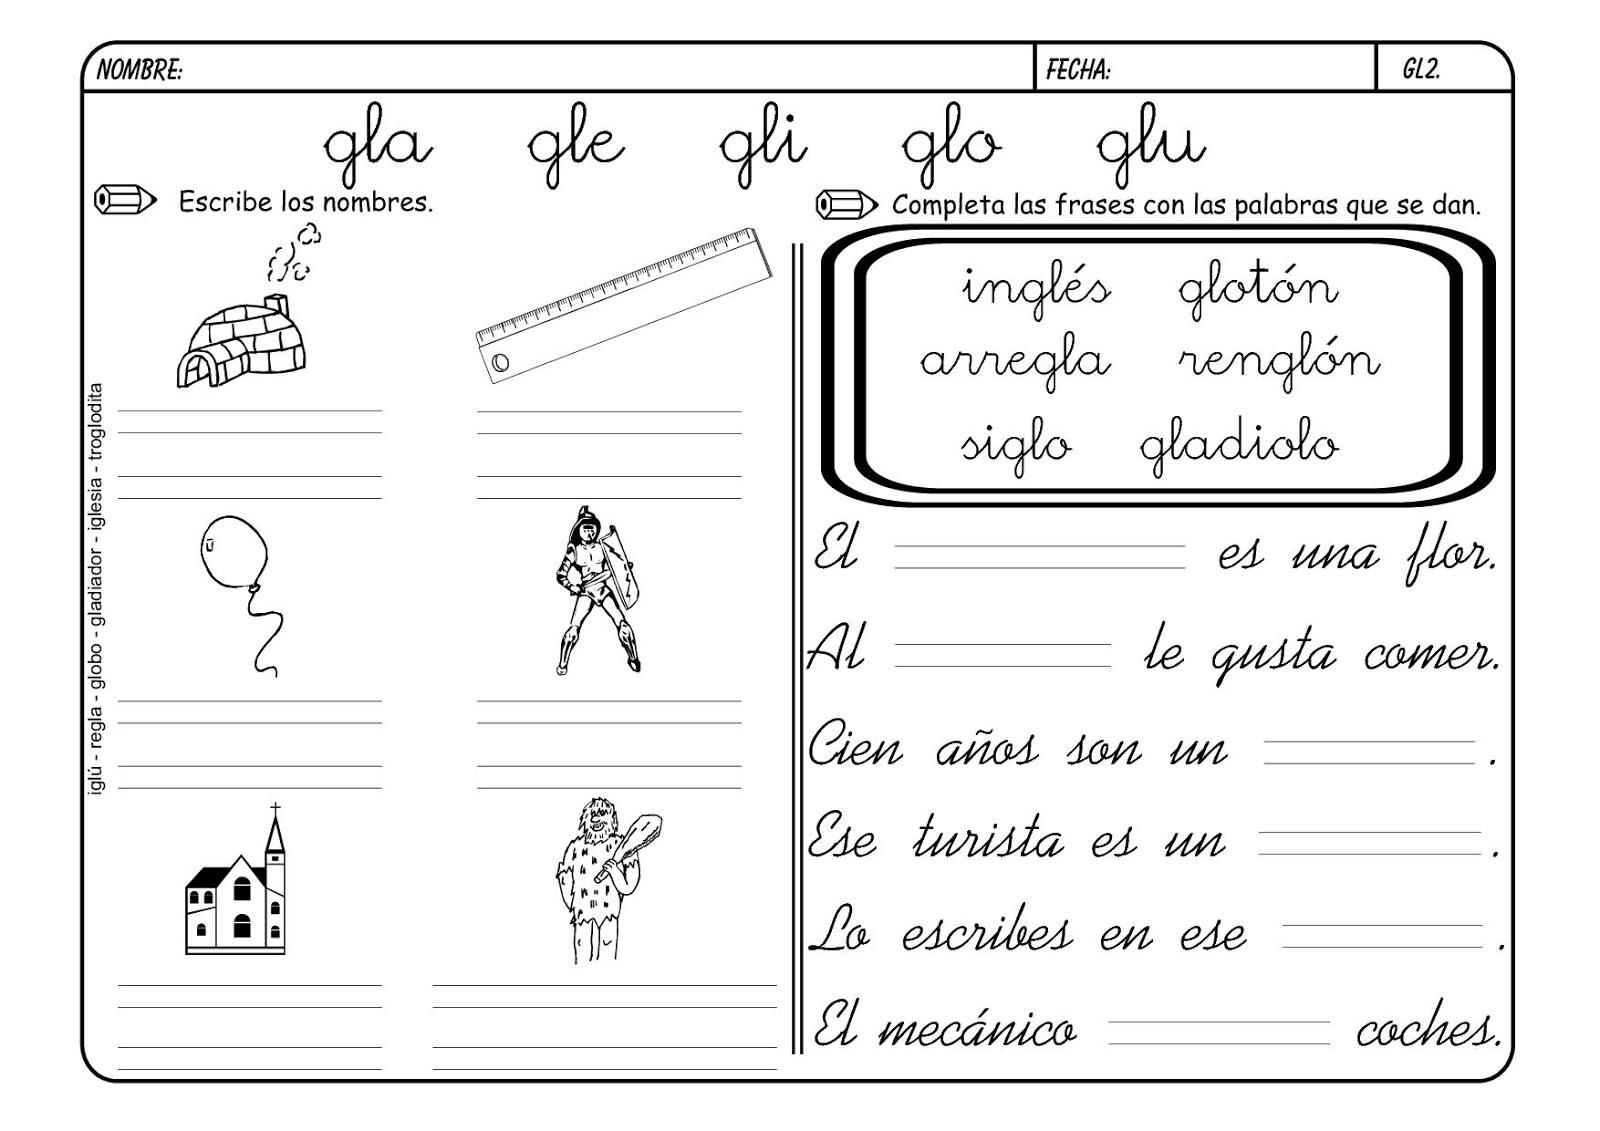 Dibujos Con La Trabada Br: Bienvenidos: ACTIVIDADES TRABAJADAS EL 2 DE JUNIO DEL 2016